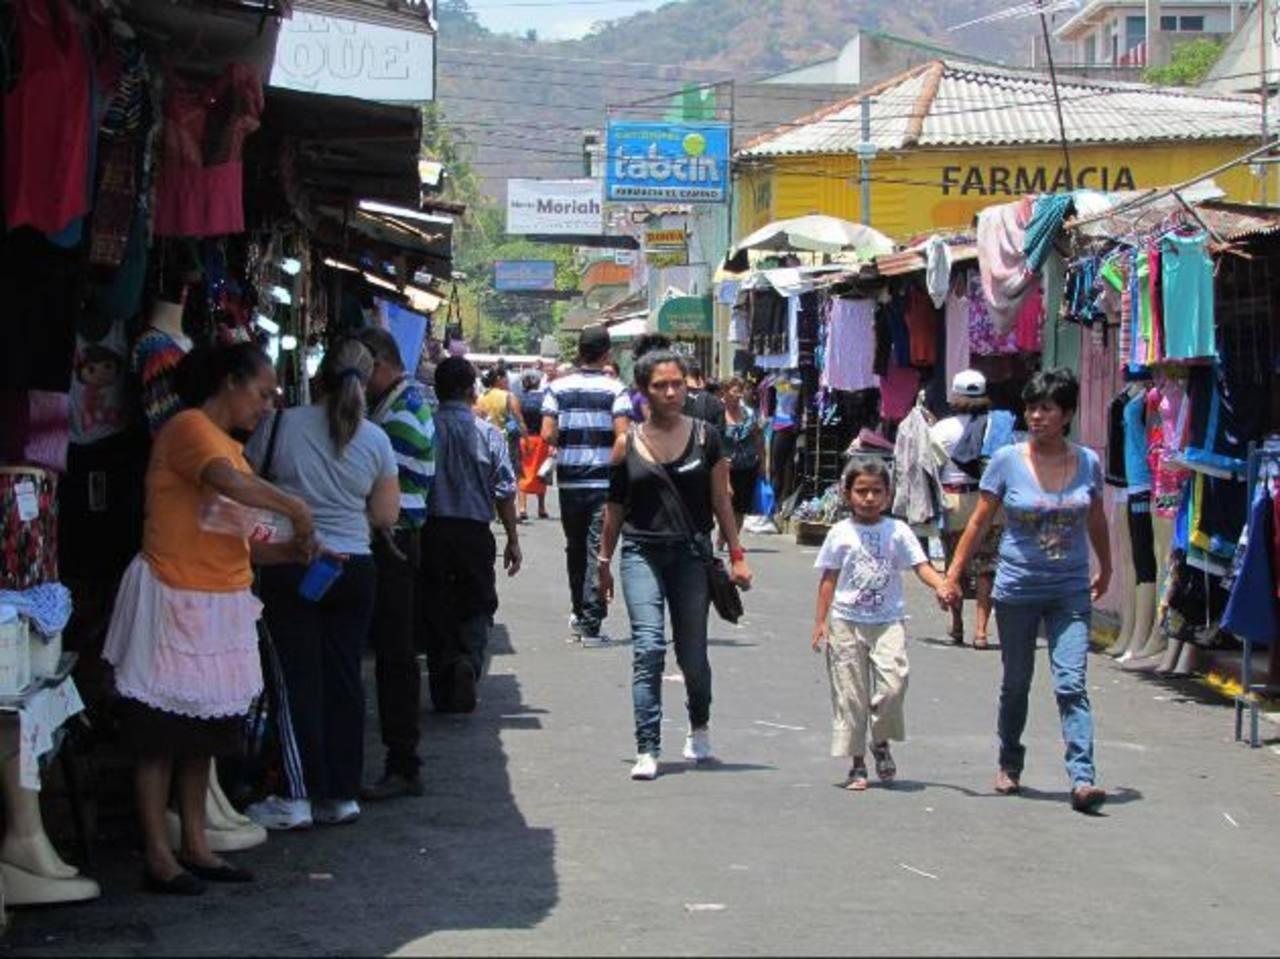 Esta vía se ha convertido en una improvisada plaza comercial por la que caminan muchas personas. Fotos EDH / Insy Mendoza